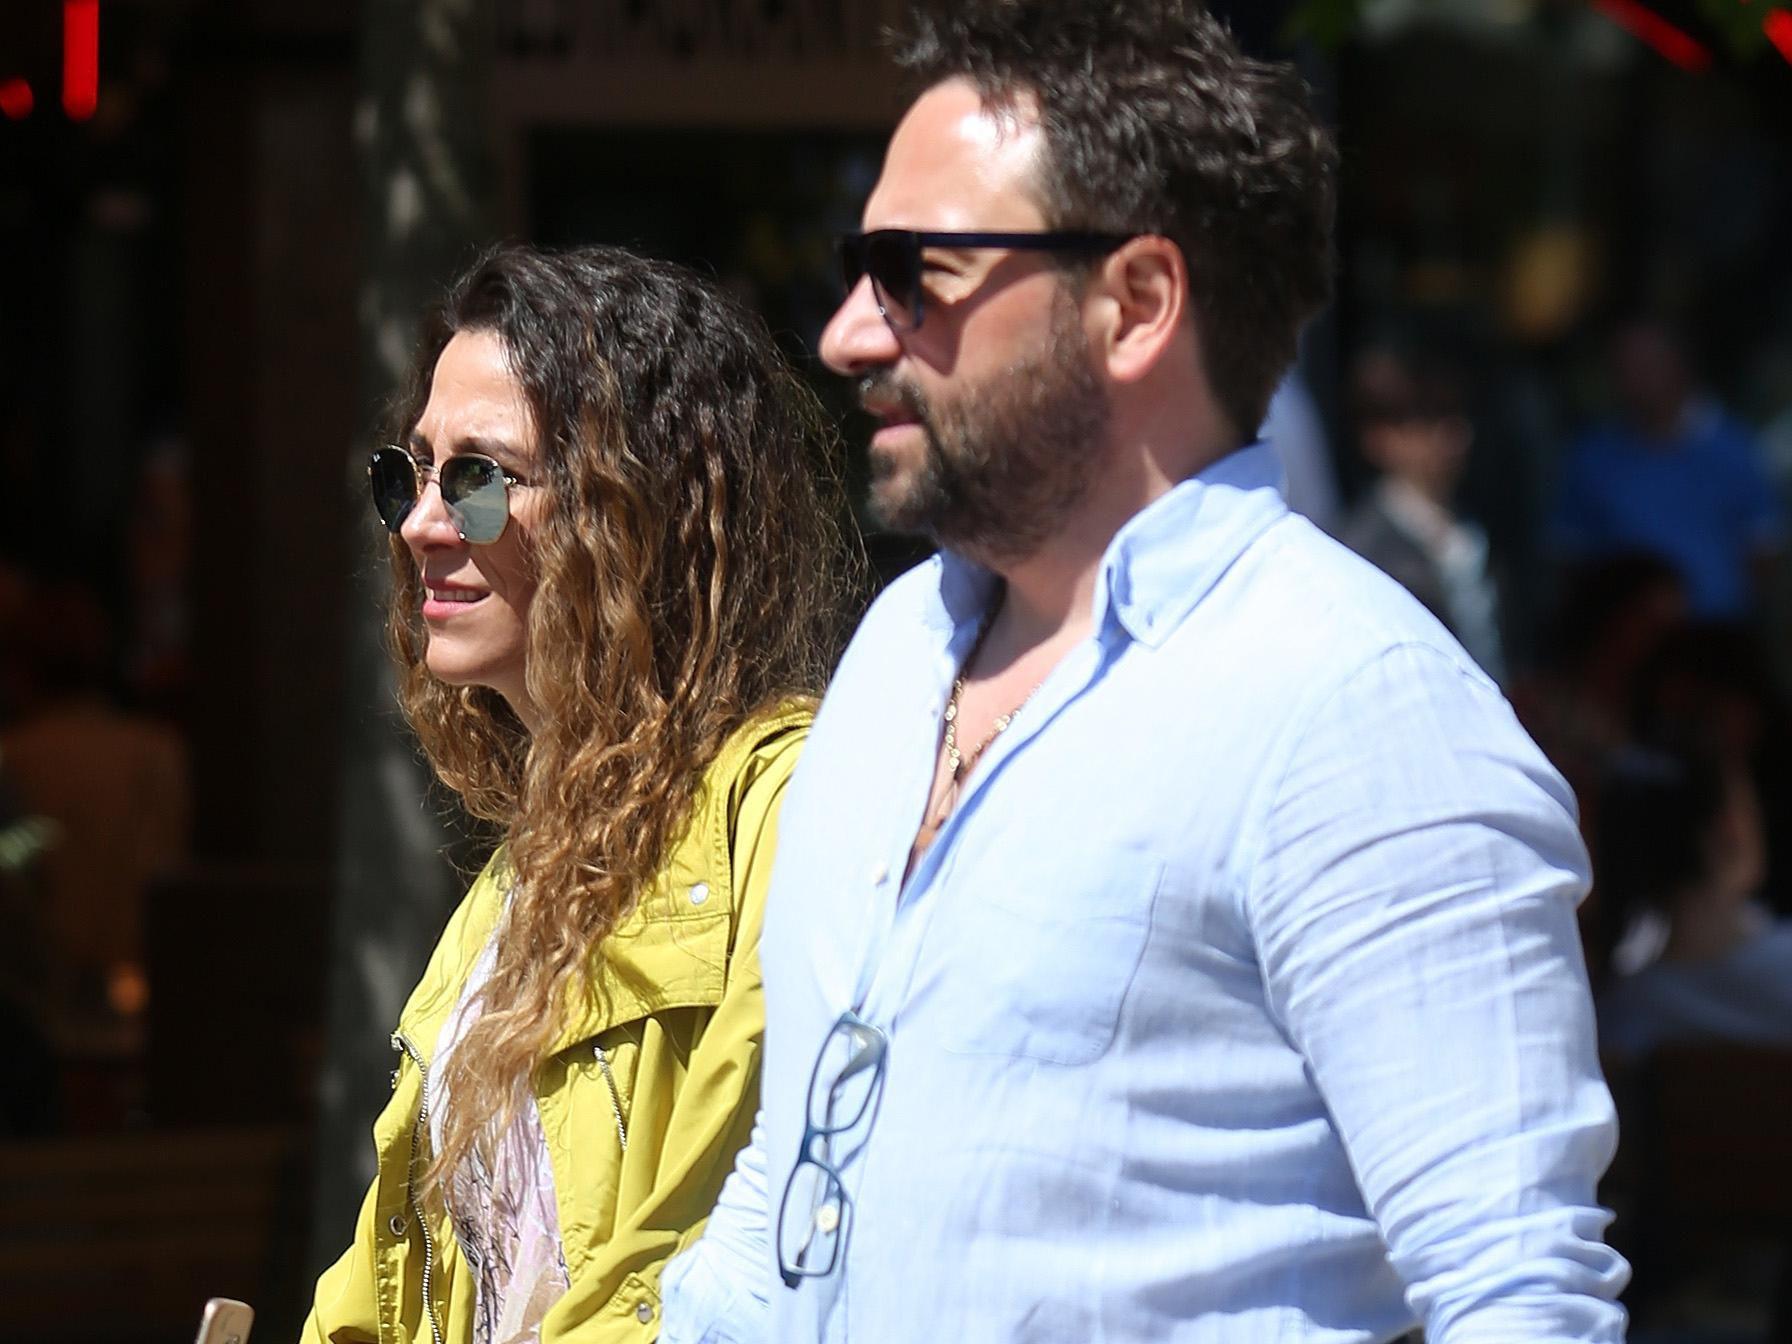 On u crvenim hlačicama, a ona u žutoj jakni: Stylish par zna koja je nepogrešiva kombinacija